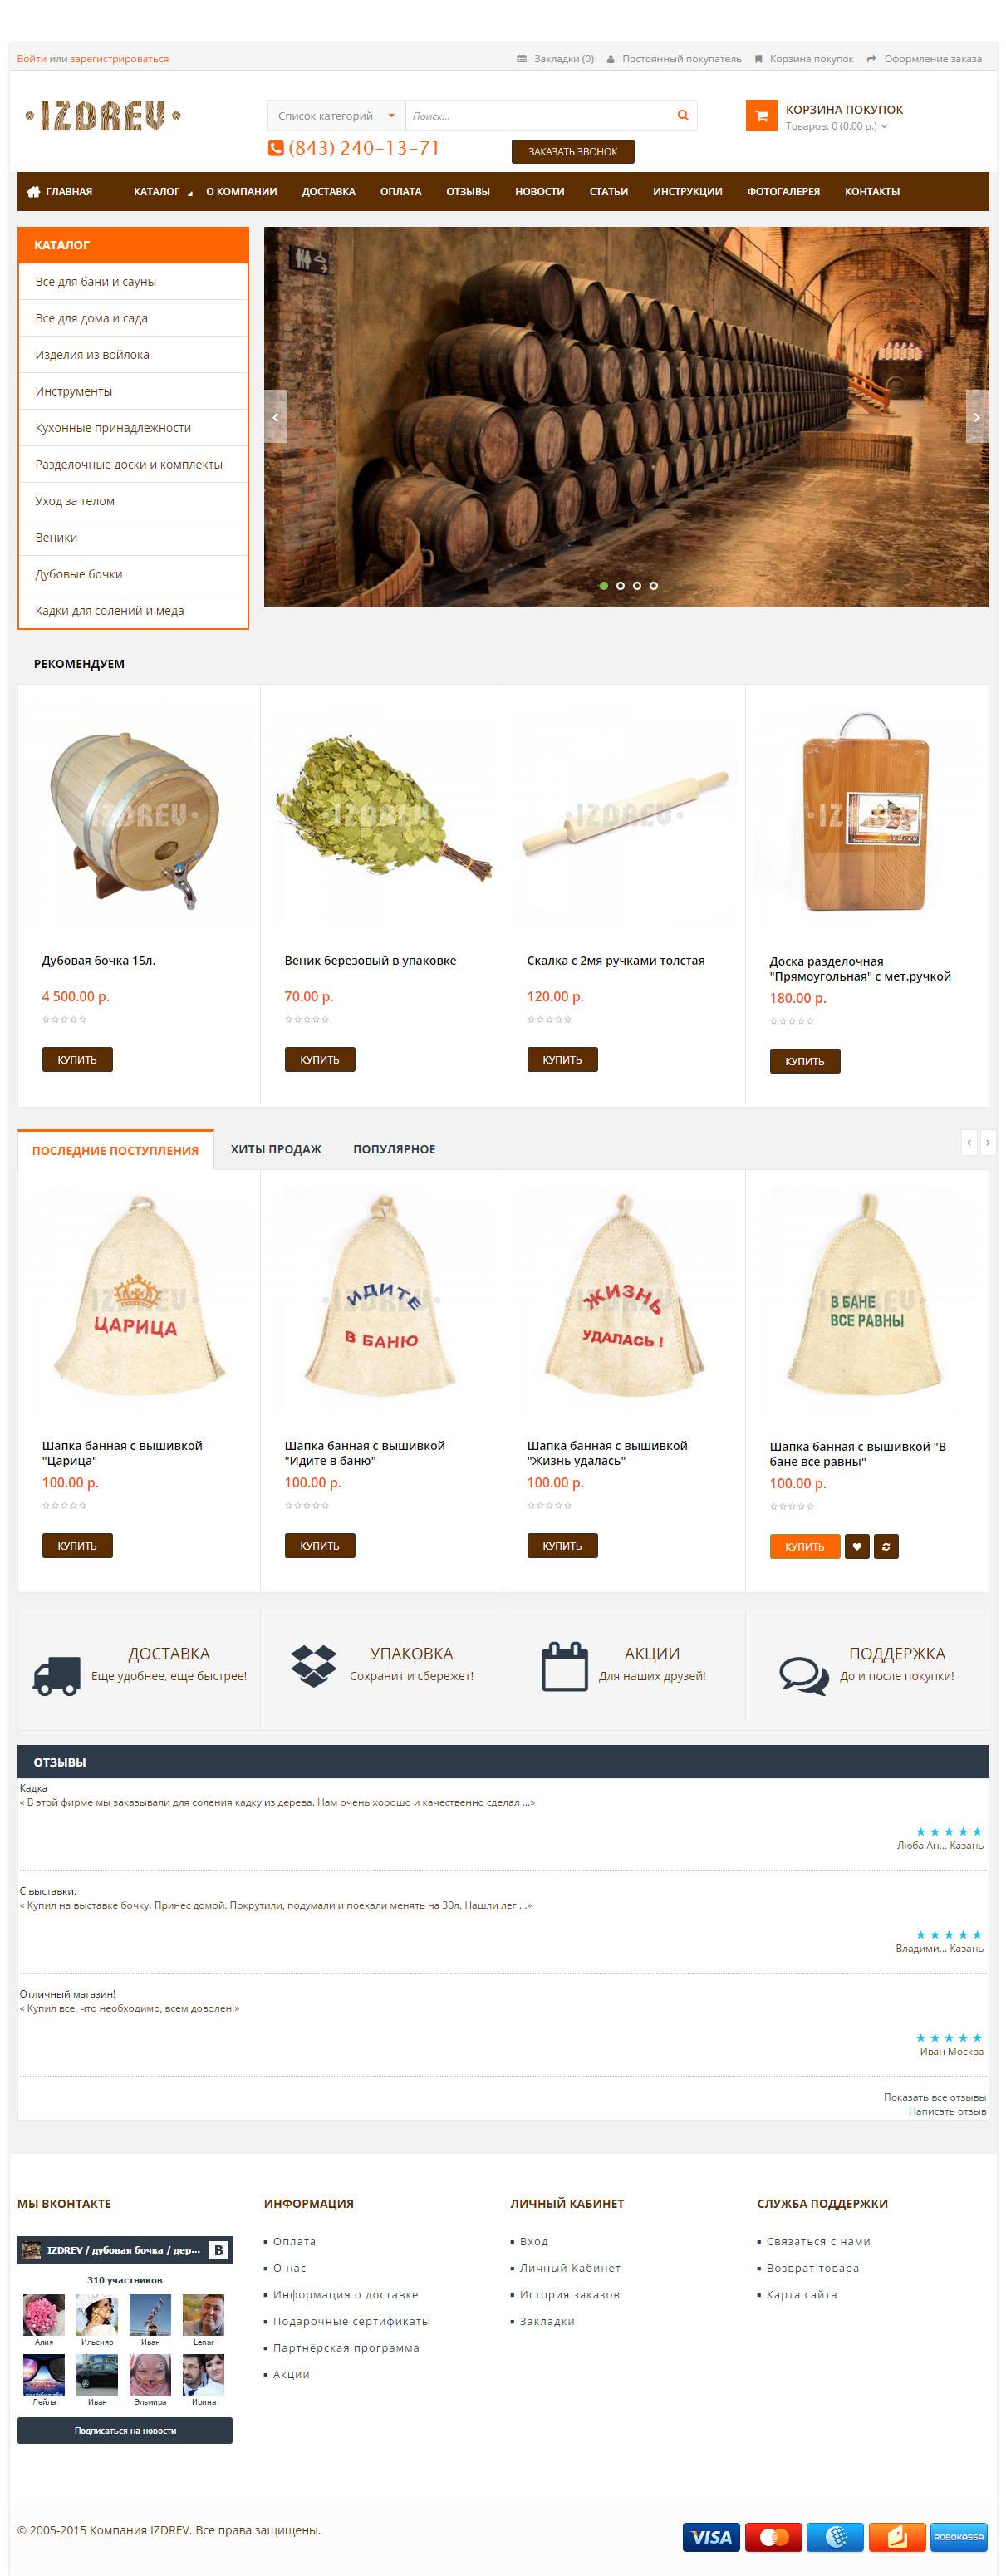 Изделия из дерева - интернет-магазин IZDREV